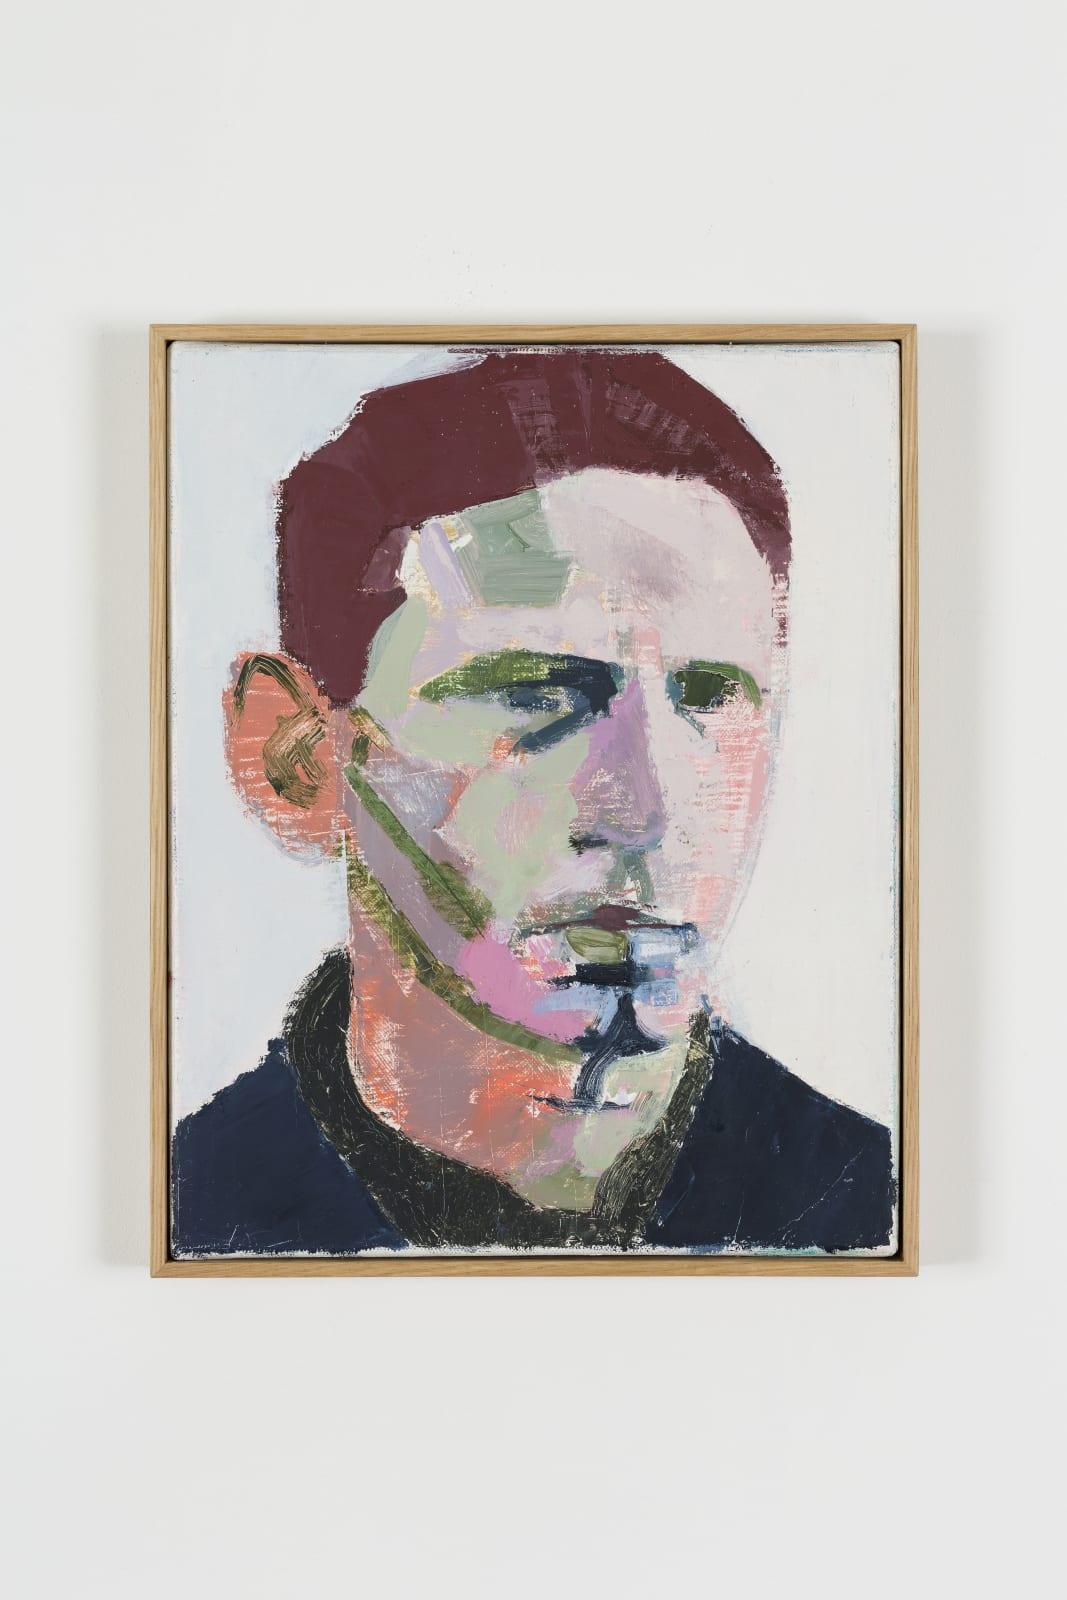 Alex van Warmerdam, Man met rood haar, 2018